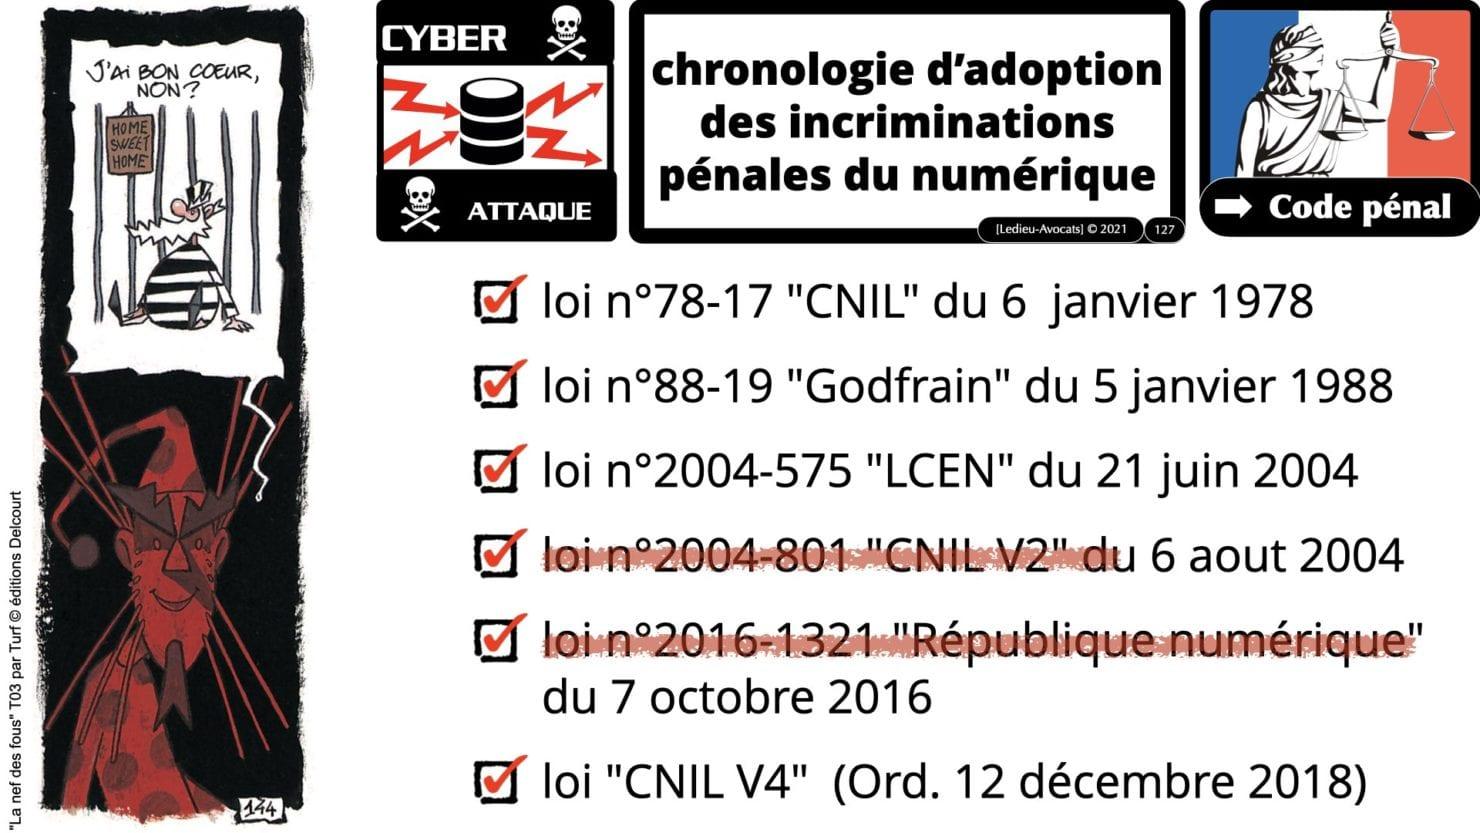 333 CYBER ATTAQUE responsabilité pénale civile contrat © Ledieu-Avocats 23-05-2021.127